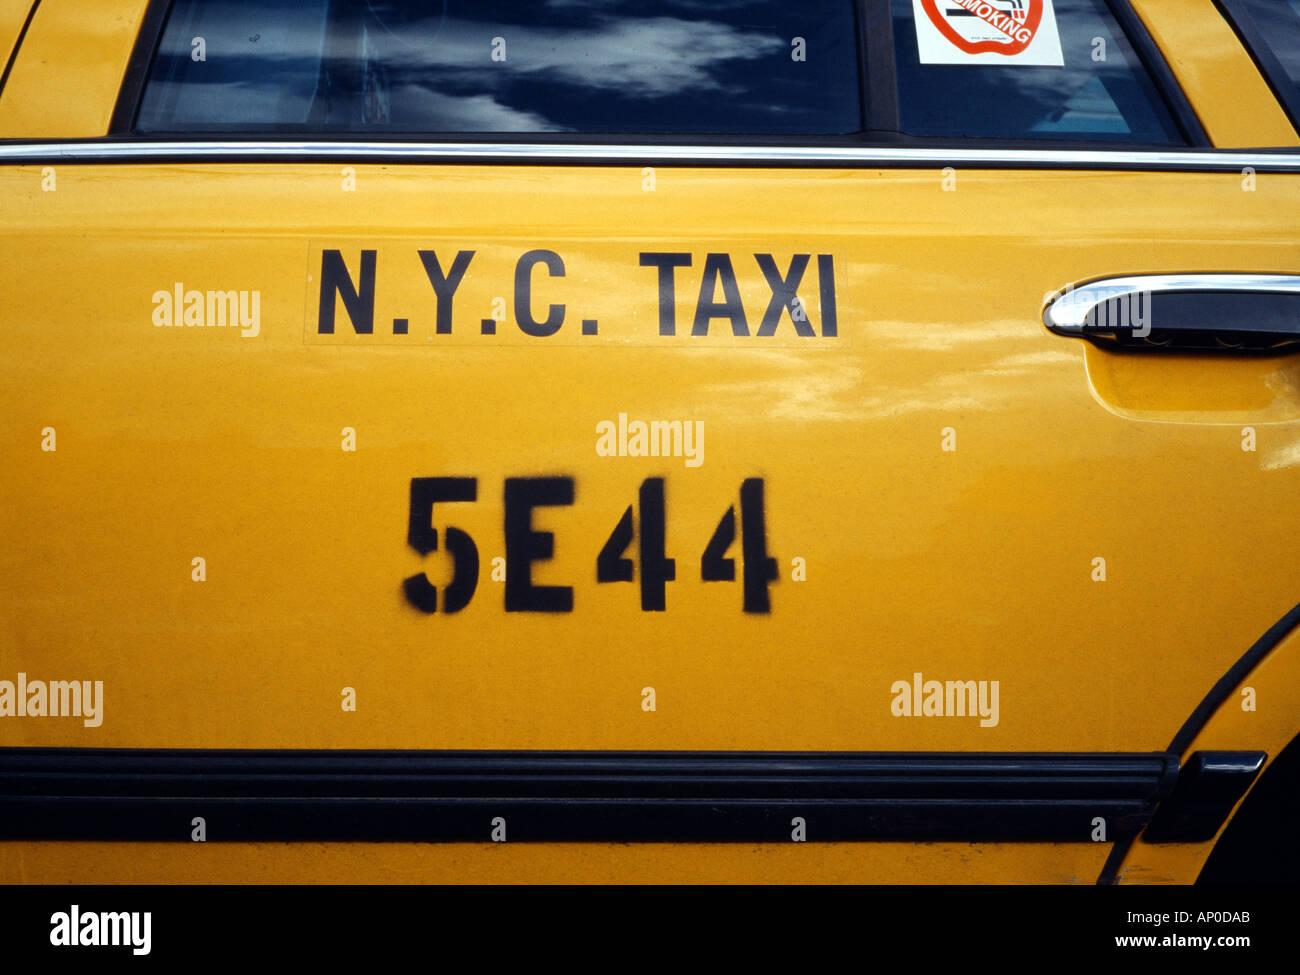 yellow taxi cab door New York City USA - Stock Image & Yellow Taxi Door Stock Photos u0026 Yellow Taxi Door Stock Images - Alamy